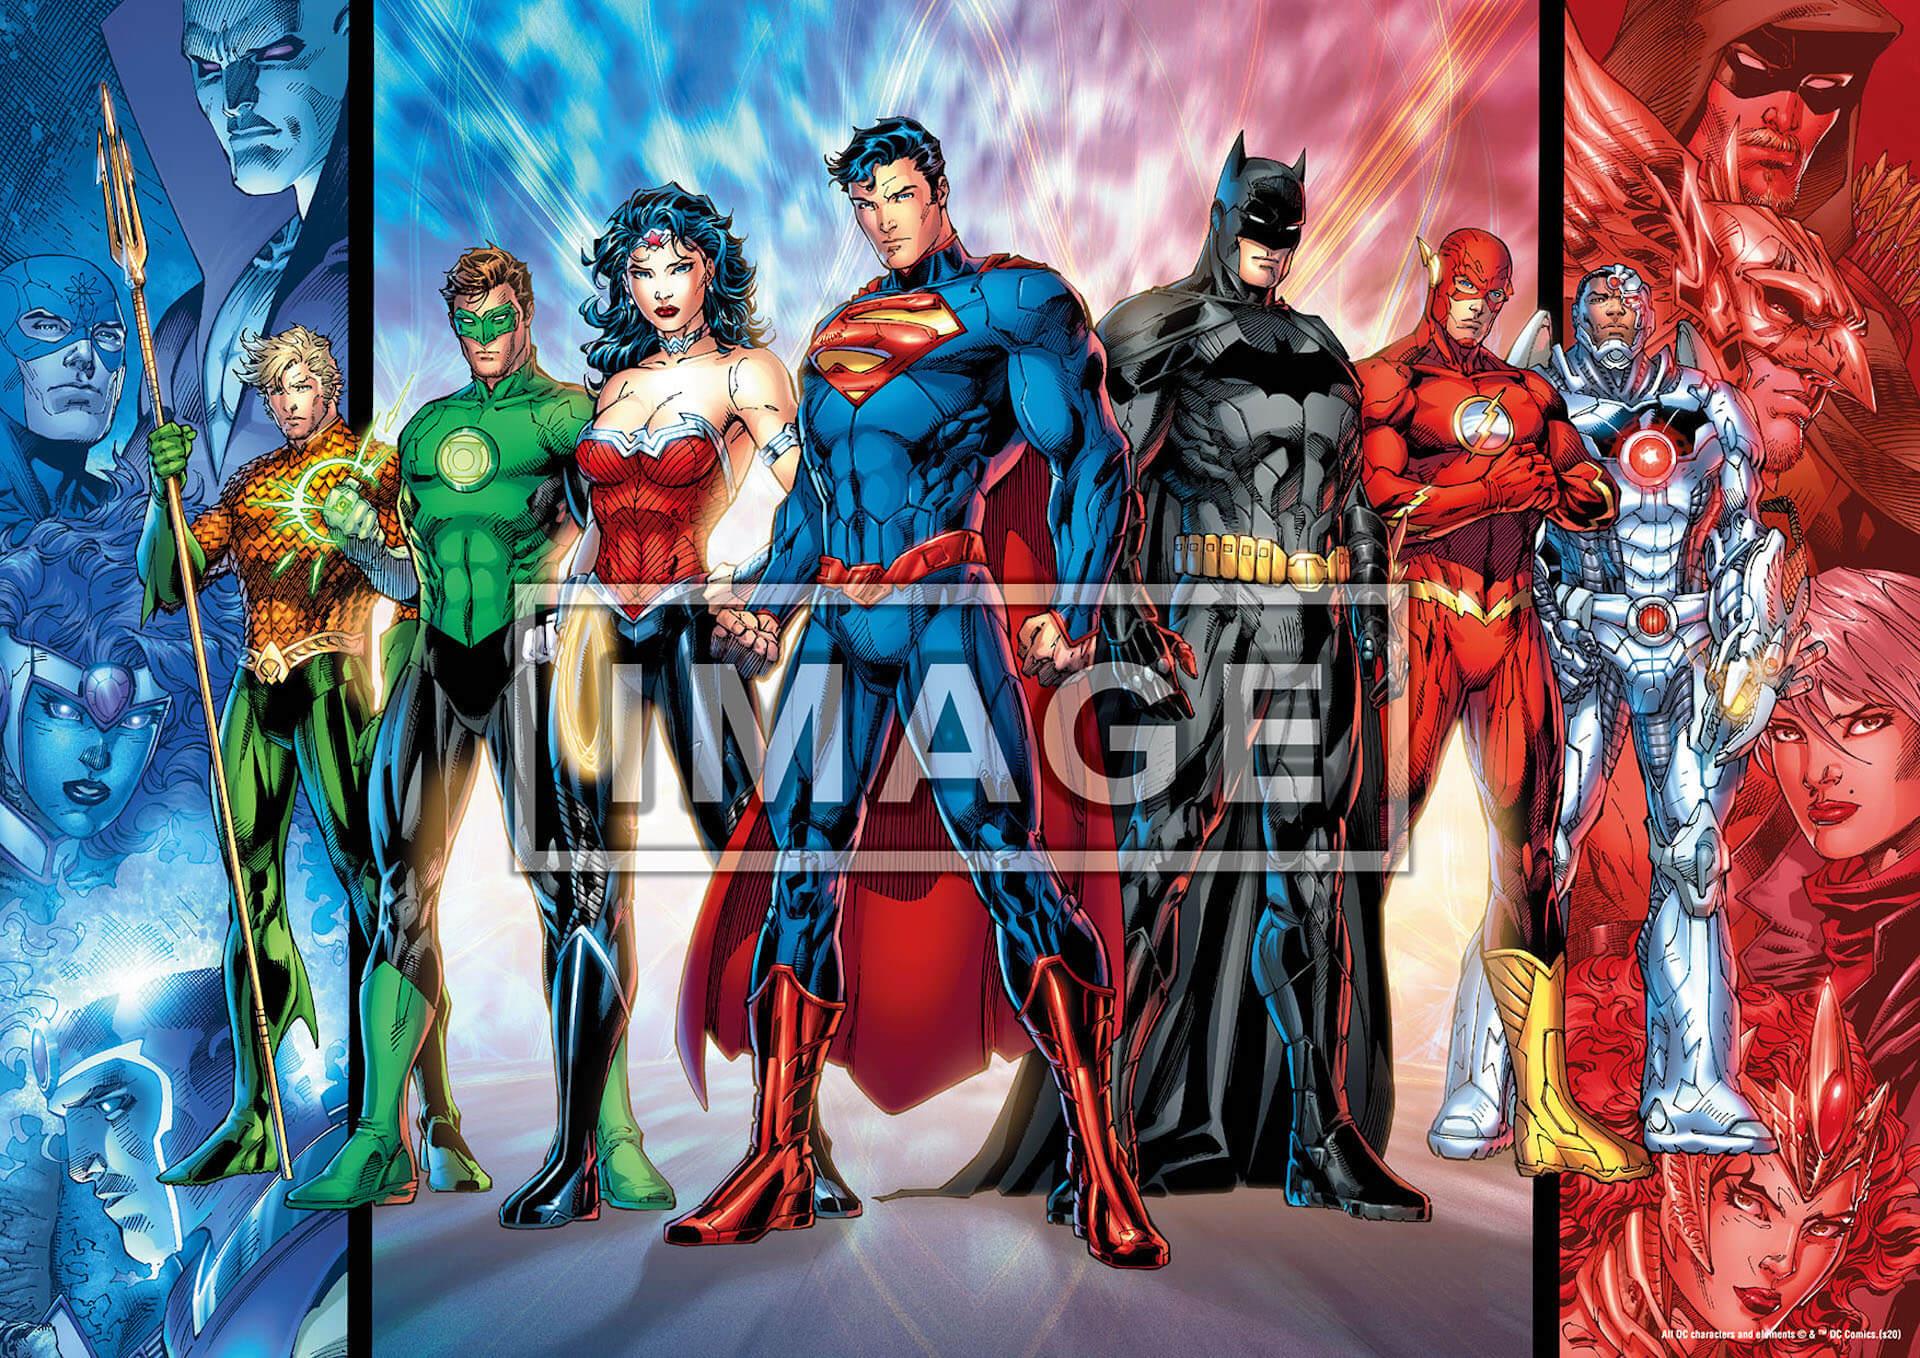 『ワンダーウーマン 1984』劇場公開記念!スーパーマン、バットマン、ジョーカーら人気DCキャラのBE@RBRICKや限定ポスターが当たるHappyくじが発売 art201216_dc_bearbrick_16